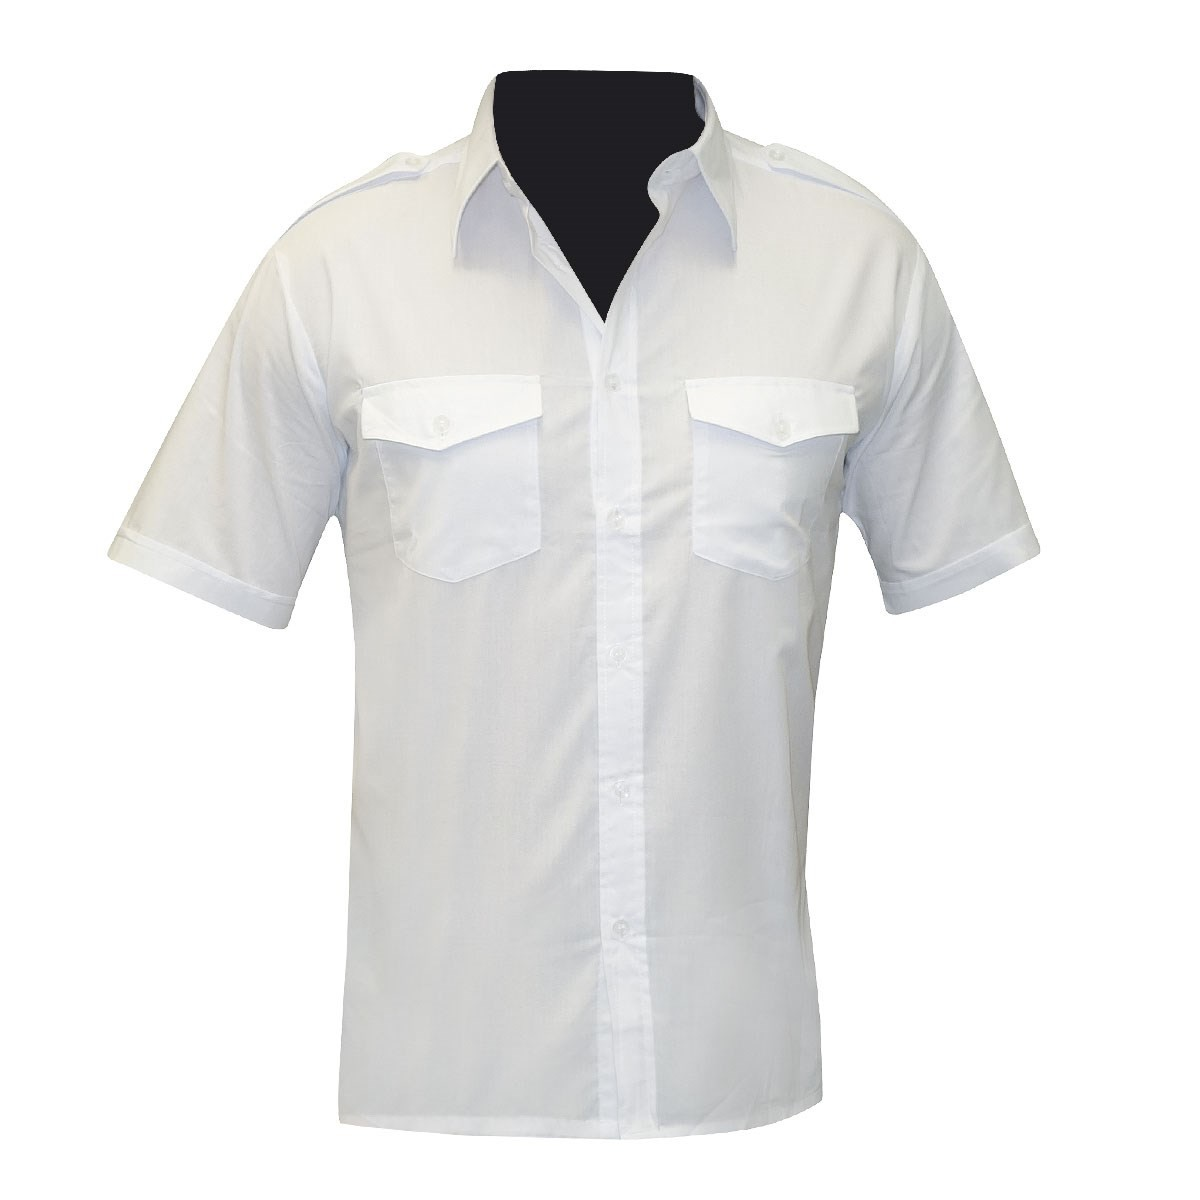 Chemise pour agent de sécurité manches courtes